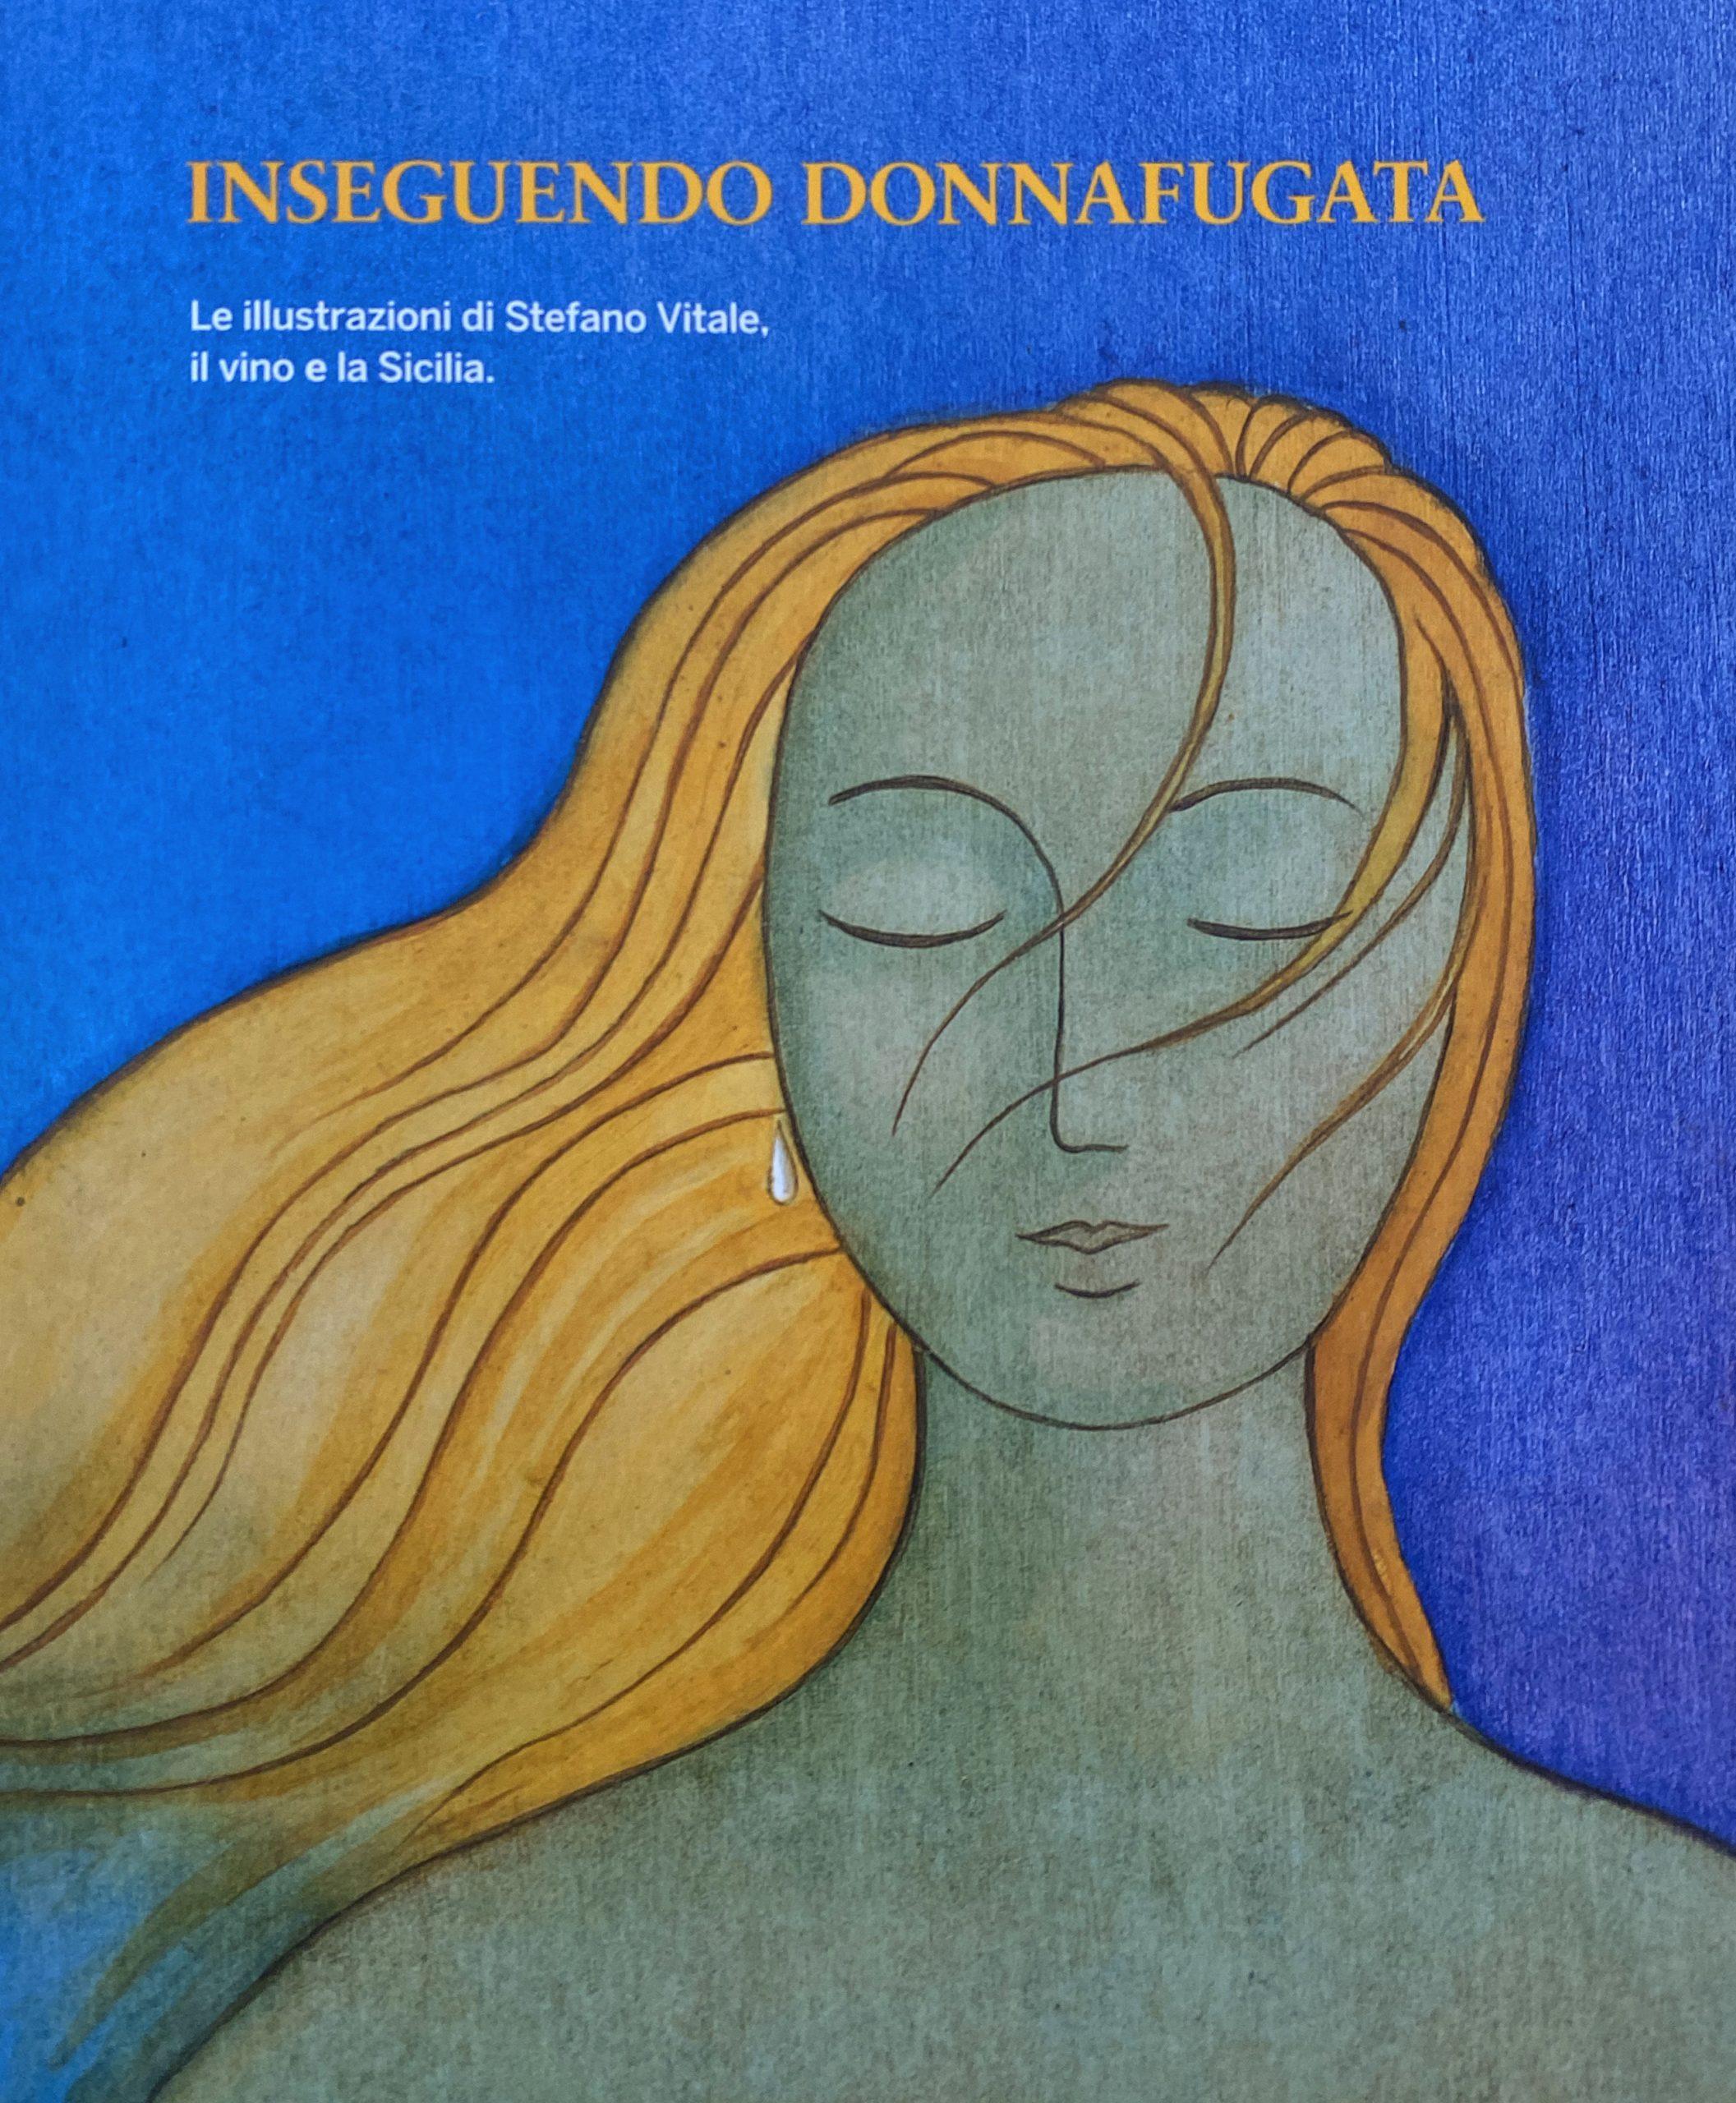 Guido Taroni: Inseguendo Donnafugata